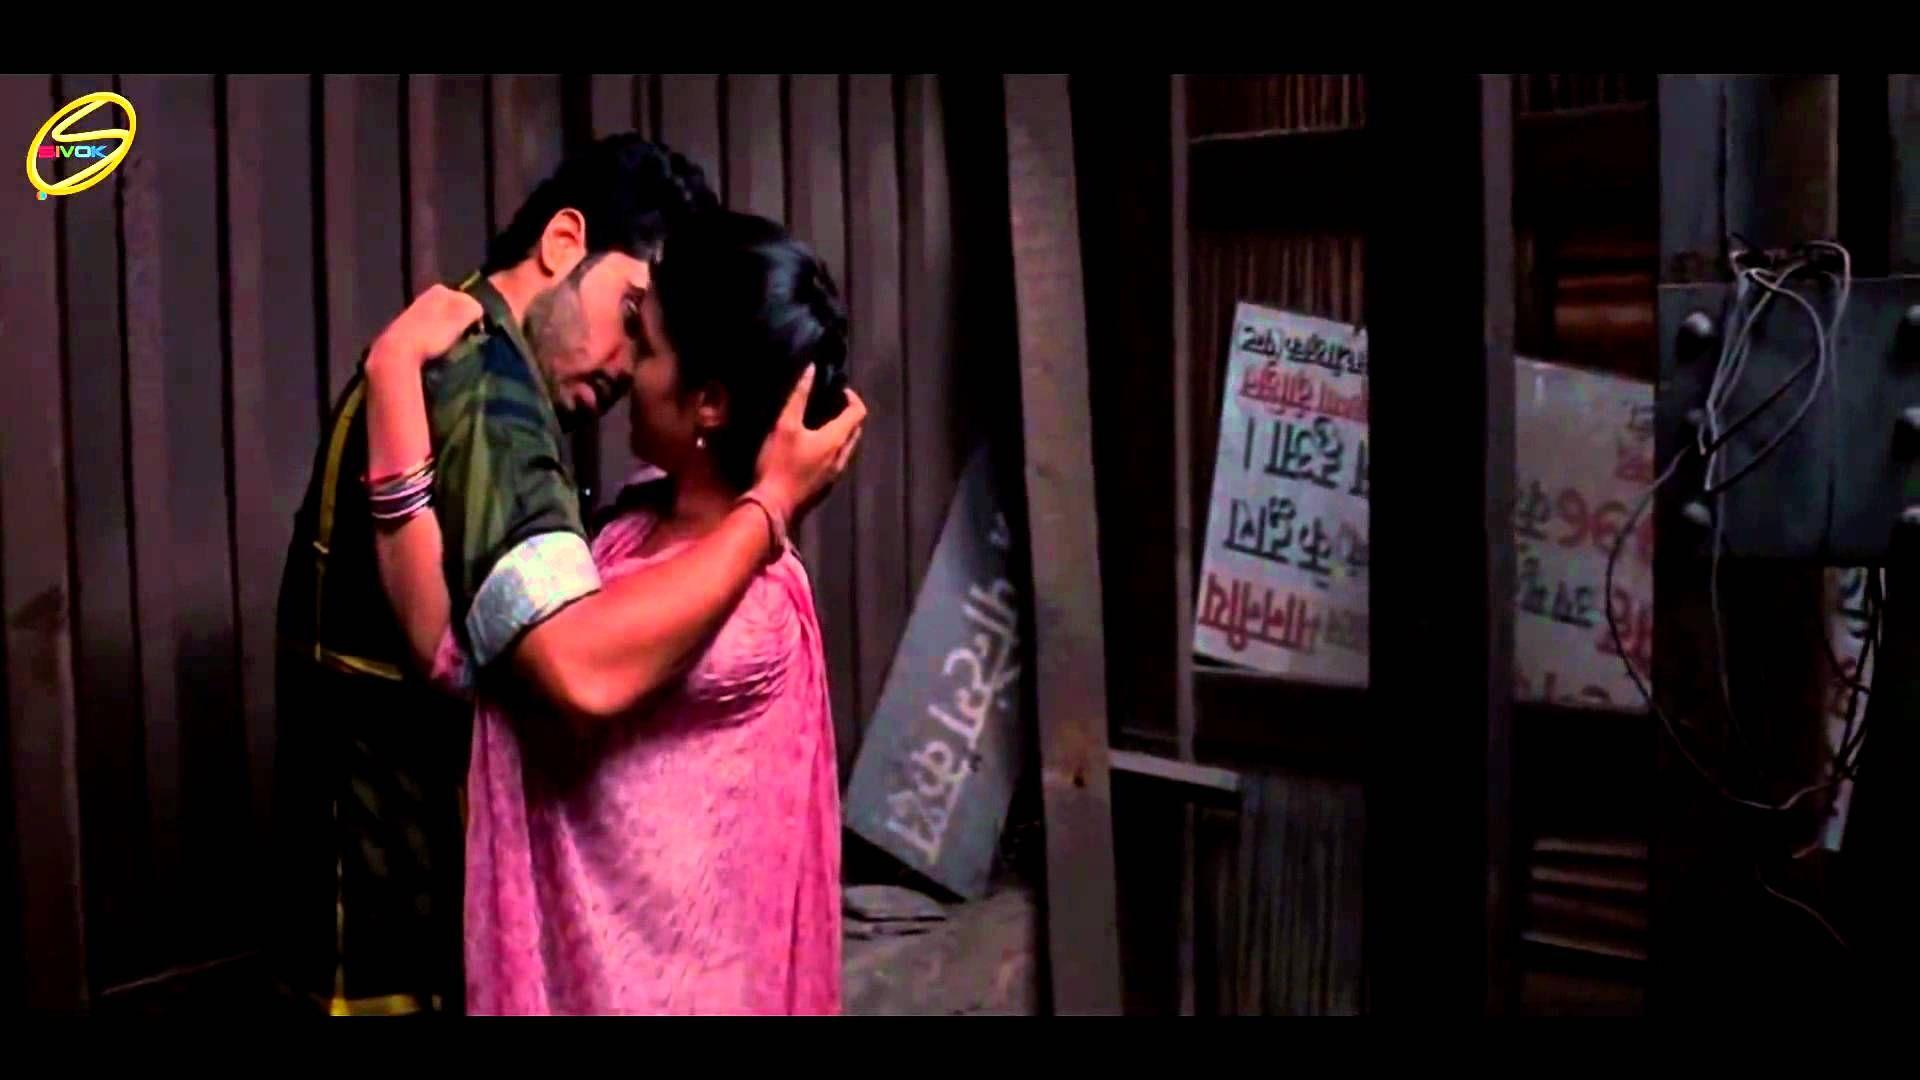 Romantic kiss scene ishaqzaade hd 1080p first kiss youtube epic romantic kiss scene ishaqzaade hd 1080p first kiss youtube ccuart Images